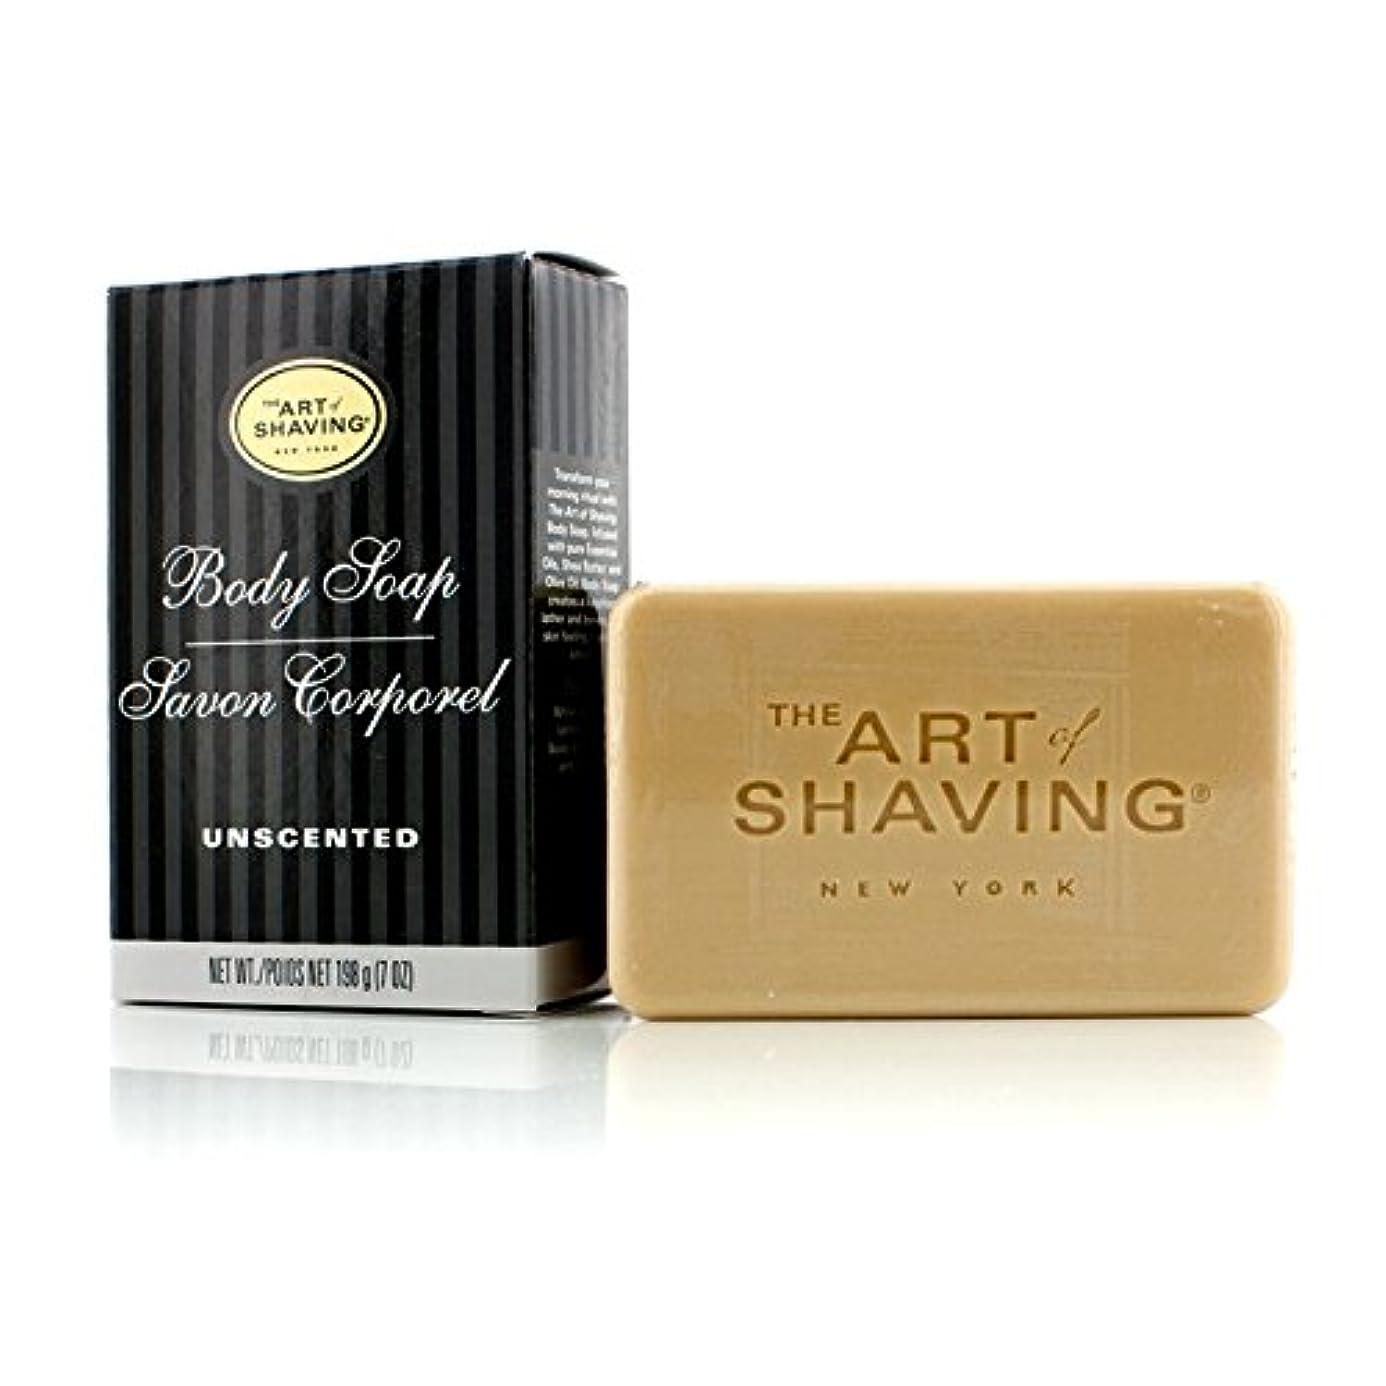 ウガンダソブリケット洗剤アートオブシェービング Body Soap - Unscented 198g/7oz並行輸入品